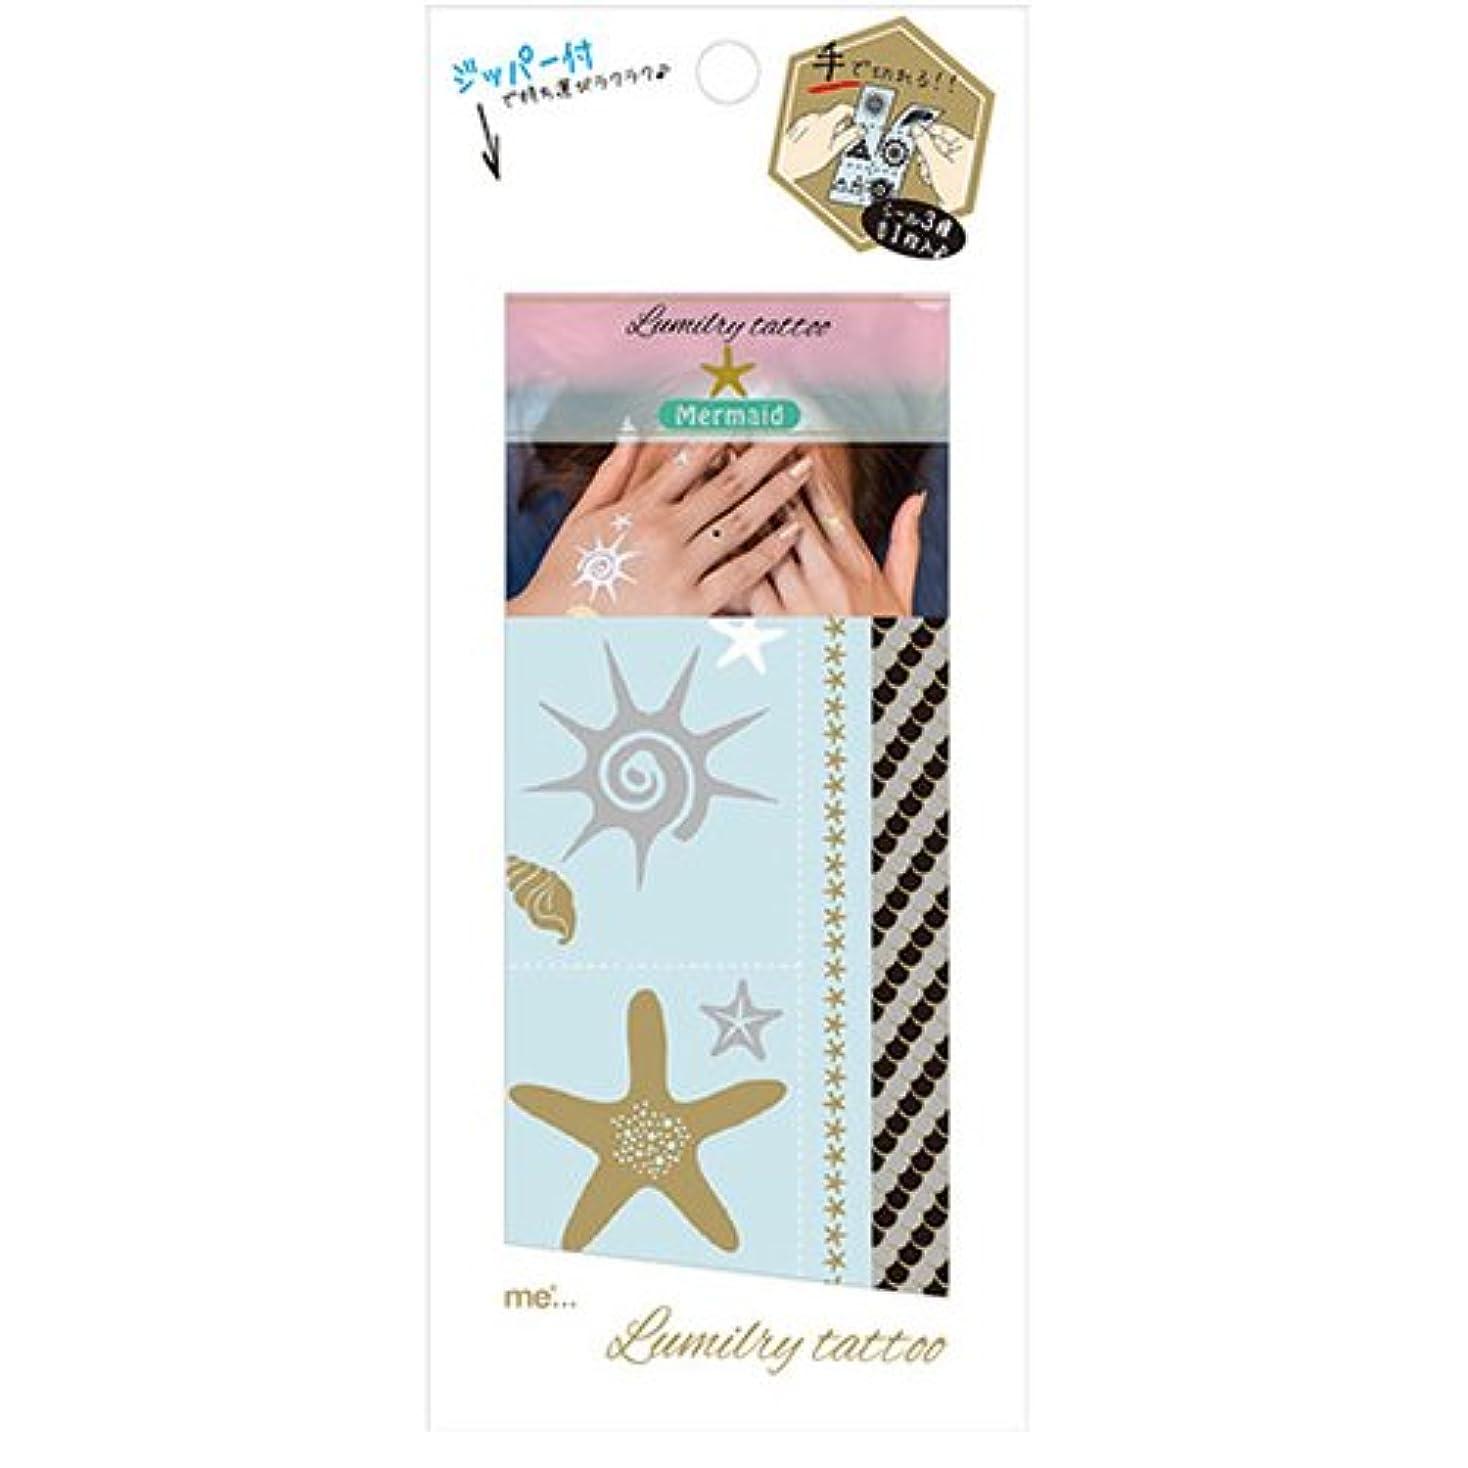 ロマンチックセンチメンタル近々Lumilry tattoo 2016 MERMAID